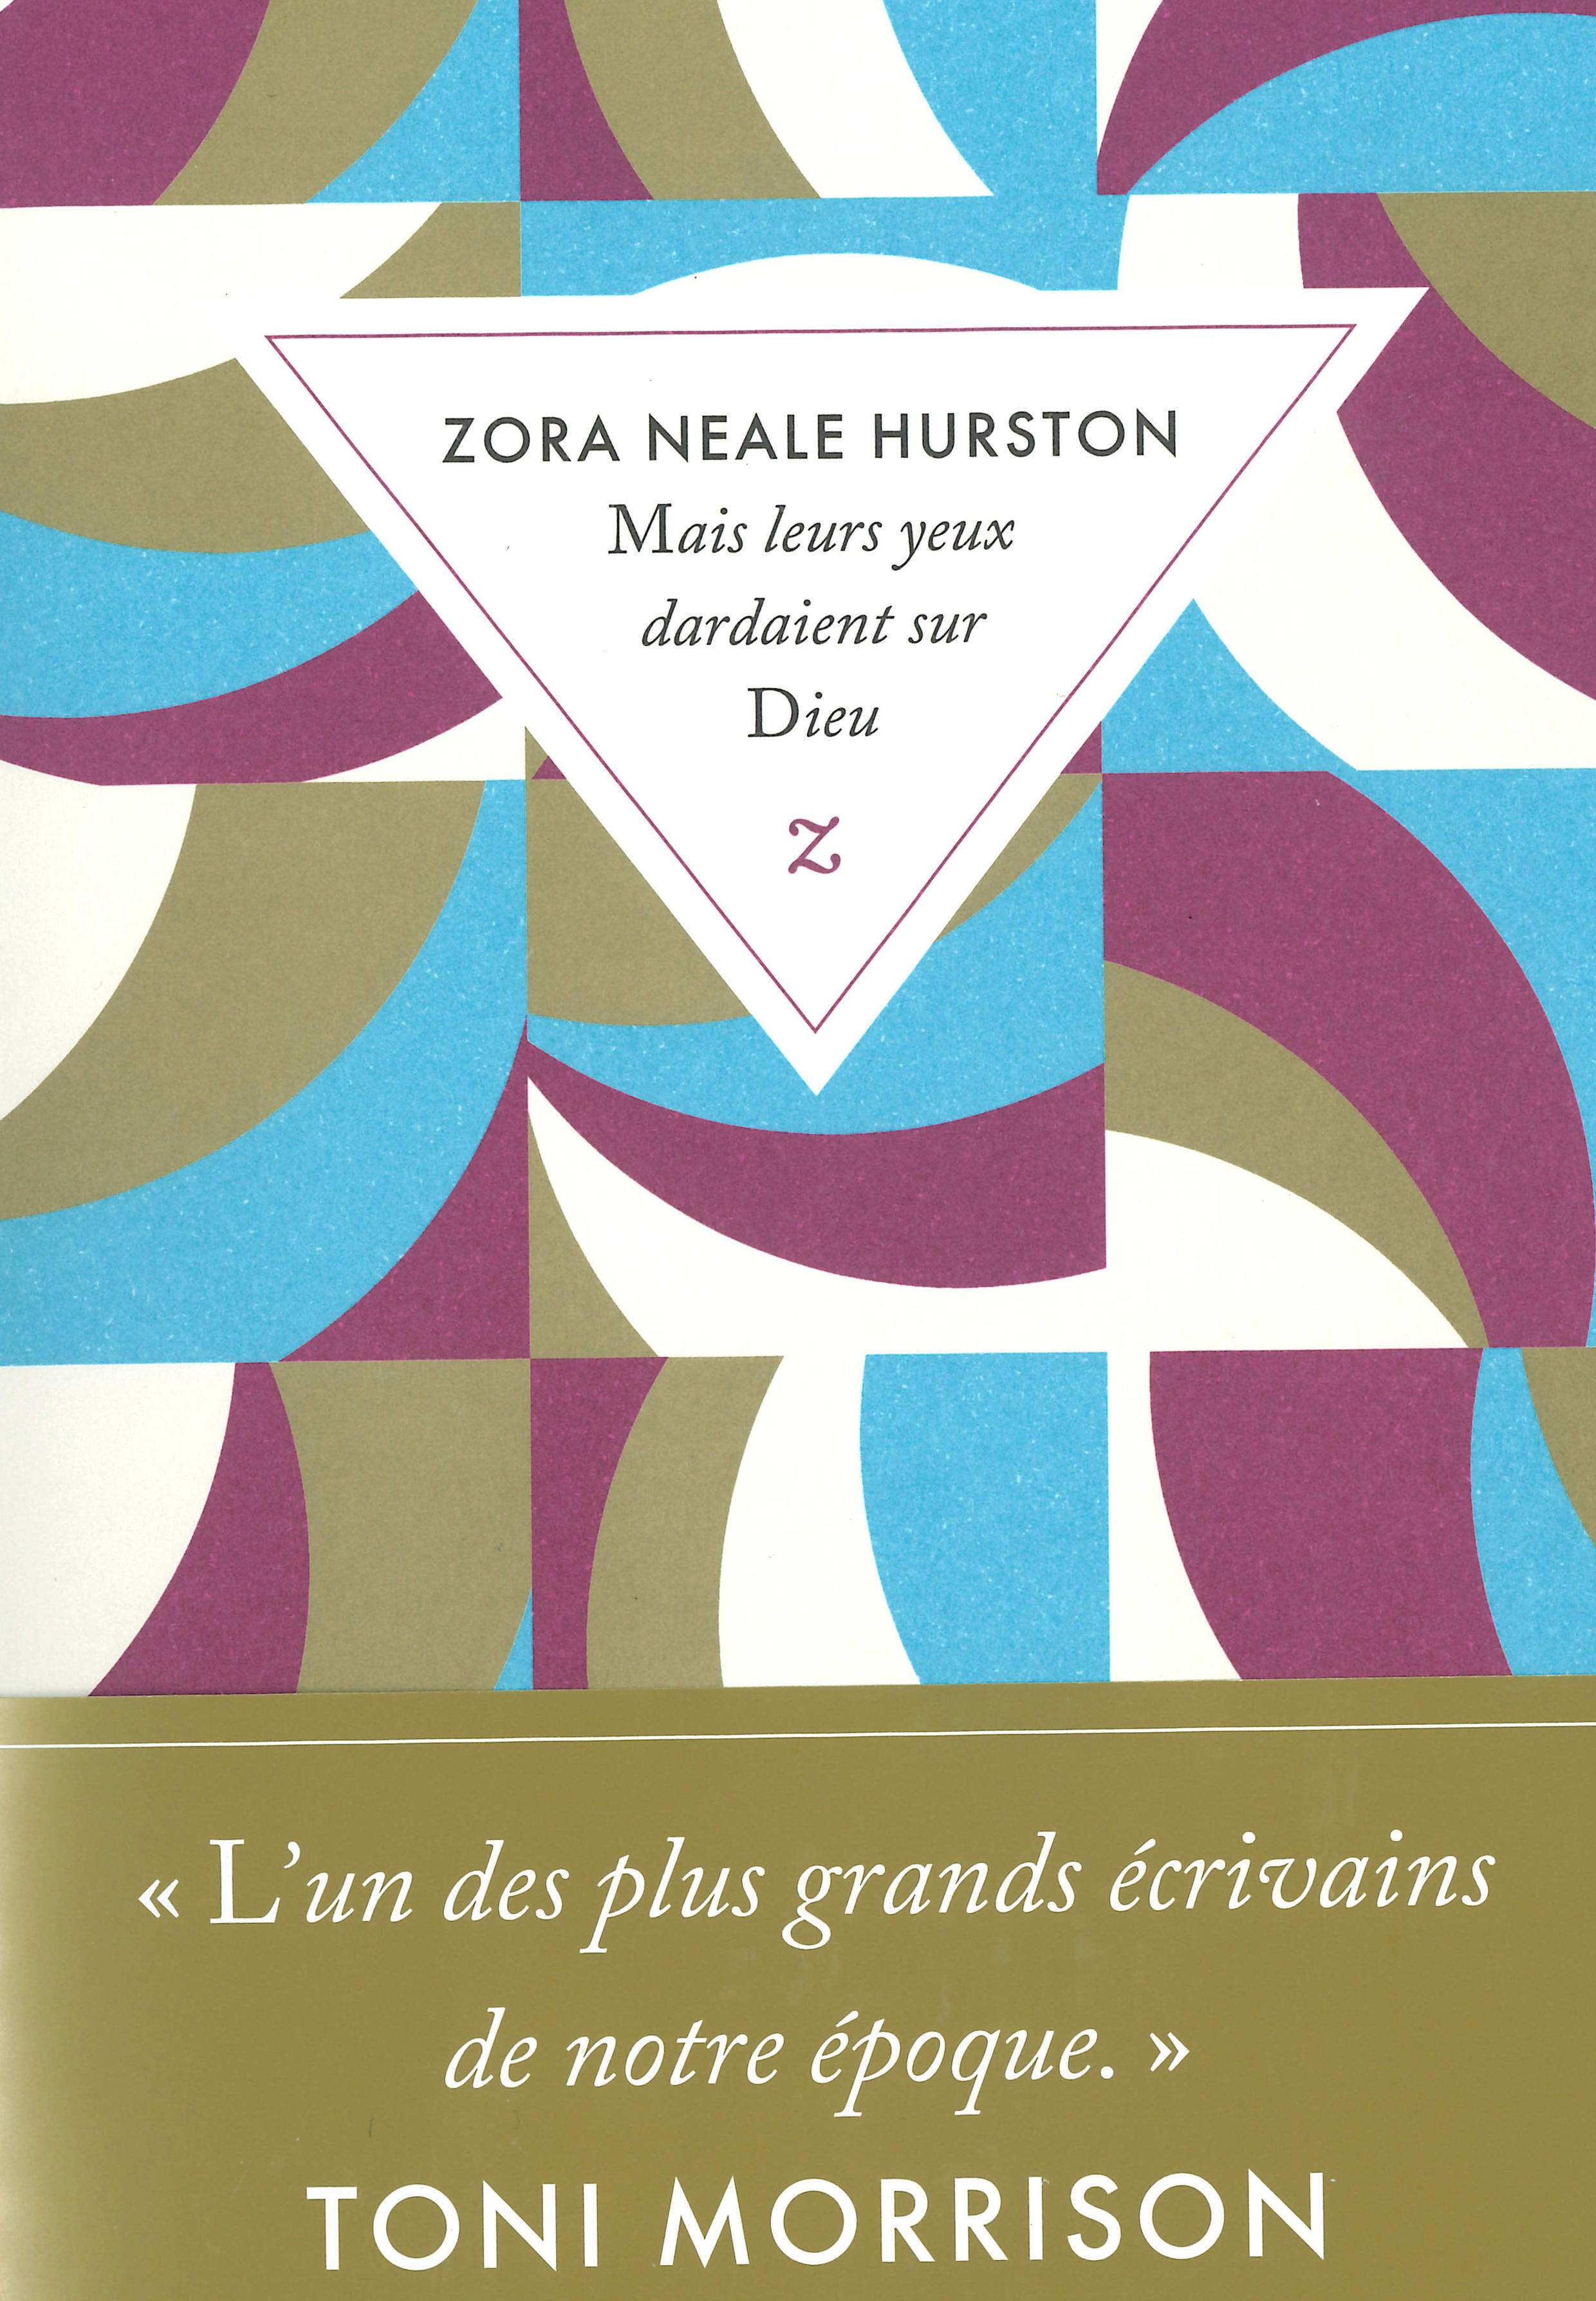 Romancière et anthropologue, nouvelliste, essayiste et dramaturge, Zora Neale Hurston fut une des figures de proue du mouvement Harlem Renaissance aux Etats-Unis.